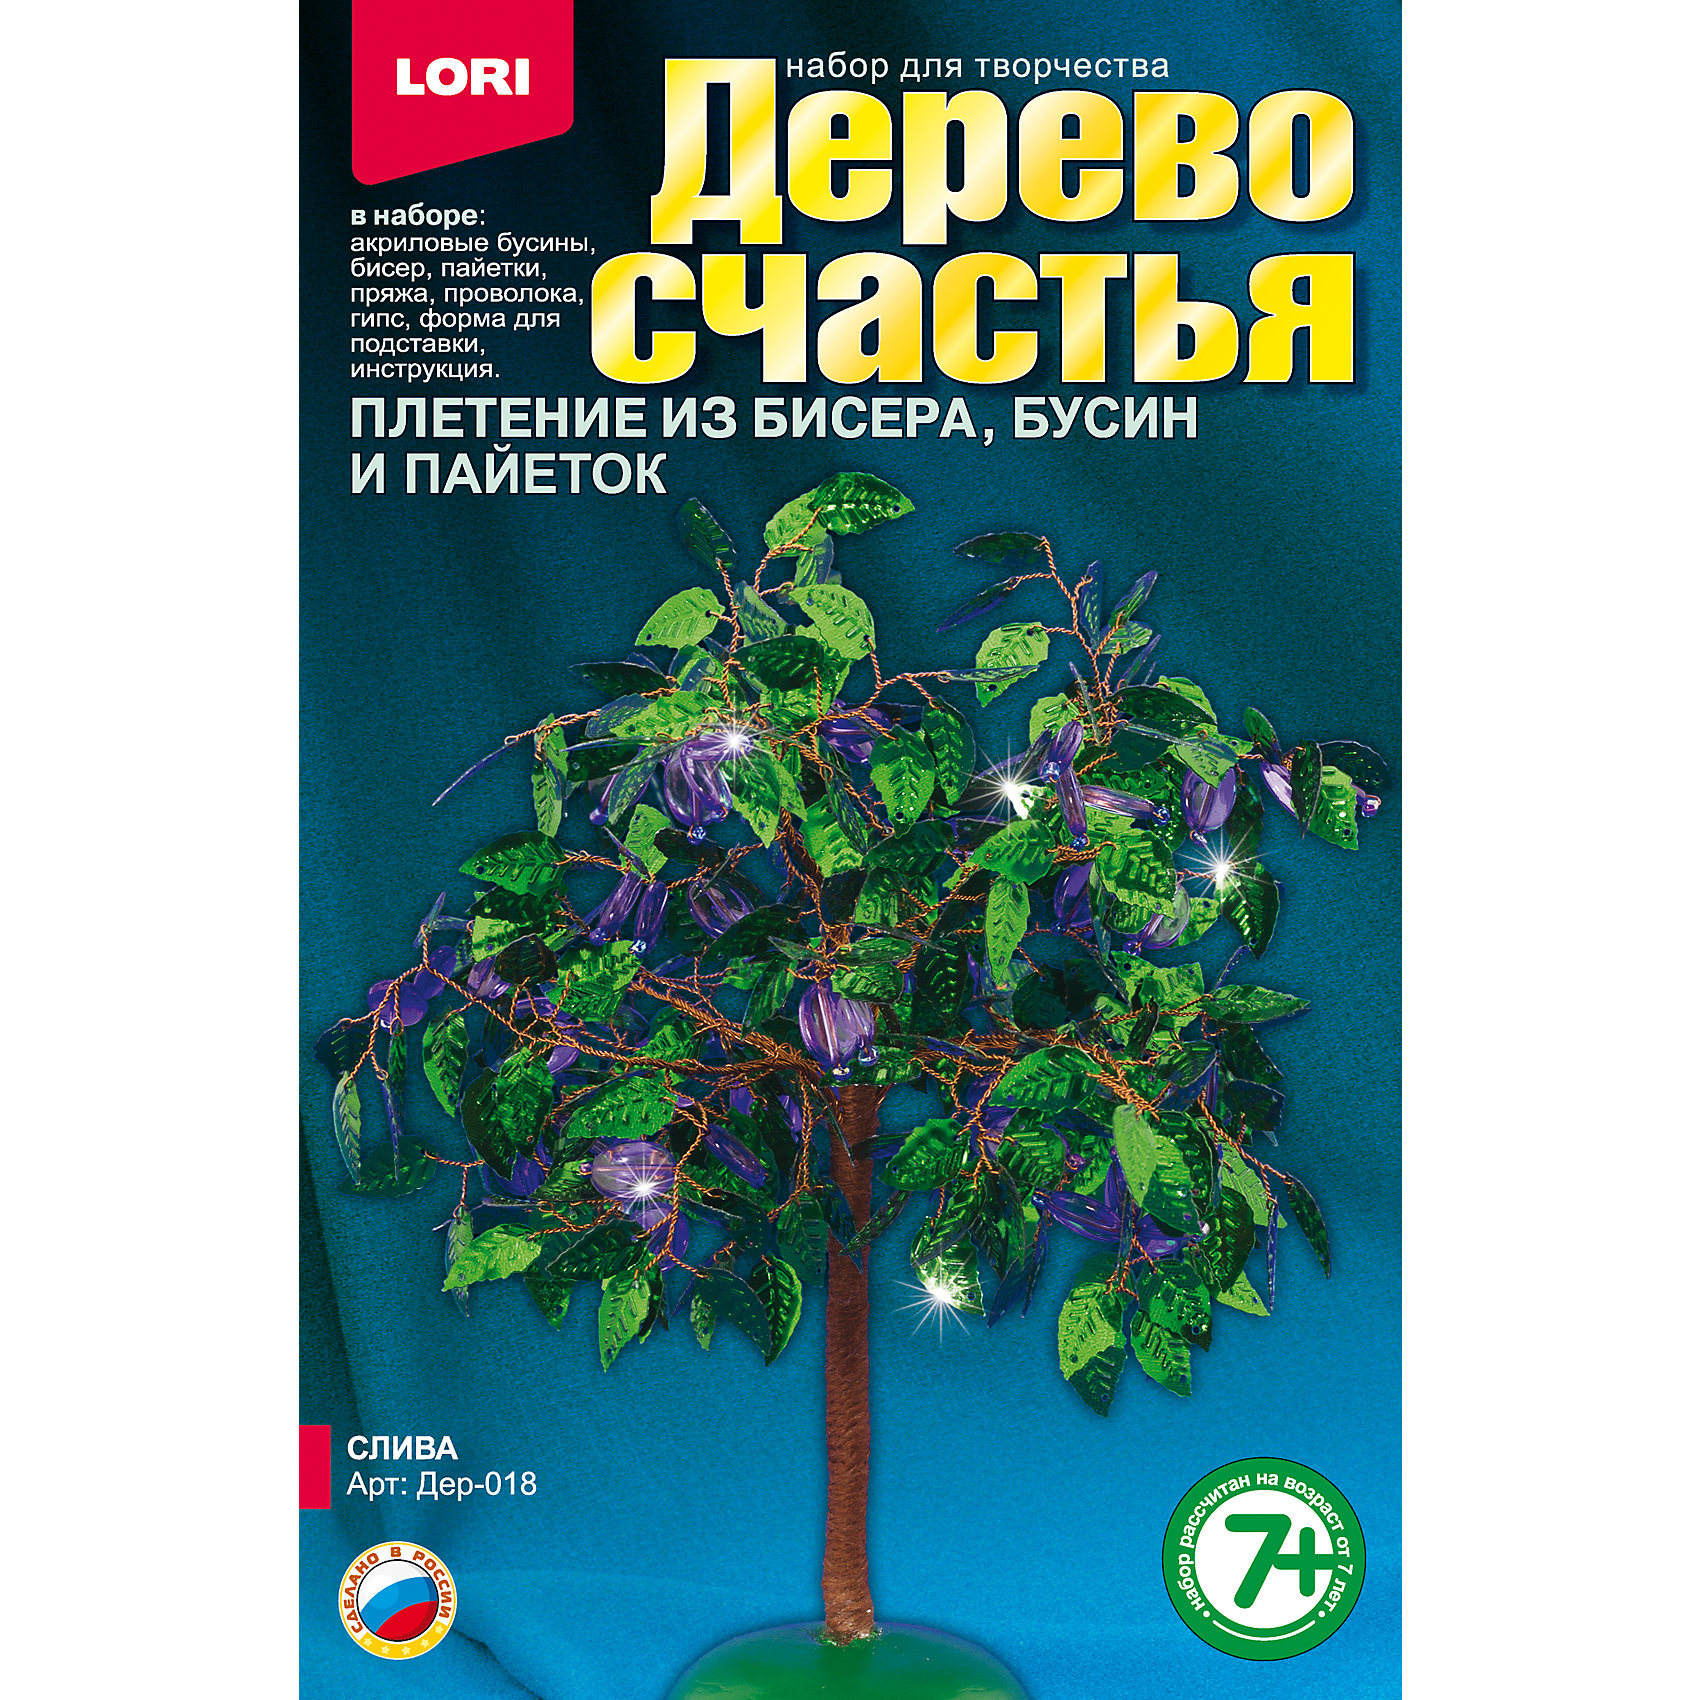 Дерево счастья СливаХарактеристики товара:<br><br>• цвет: разноцветный<br>• размер упаковки: 13х20х4 см<br>• вес: 190 г<br>• комплектация: бисер, акриловые бусины, пайетки, пряжа коричневая, проволока, гипс, полистирольная форма для заливки гипса, подробная инструкция<br>• возраст: от семи лет<br>• упаковка: картонная коробка<br>• страна бренда: РФ<br>• страна изготовитель: РФ<br><br>Творчество - это увлекательно и полезно! Такой набор станет отличным подарком ребенку - ведь с помощью него можно получить красивое дерево счастья! В набор входит бисер, акриловые бусины, пайетки, пряжа коричневая, проволока, гипс, полистирольная форма для заливки гипса, подробная инструкция. Чтобы сделать дерево, ребенку нужно заполнить следовать указаниям инструкции. В итоге получается украшение для интерьера или подарок родным.<br>Детям очень нравится что-то делать своими руками! Кроме того, творчество помогает детям развивать важные навыки и способности, оно активизирует мышление, формирует усидчивость, творческие способности, мелкую моторику и воображение. Изделие производится из качественных и проверенных материалов, которые безопасны для детей.<br><br>Набор Дерево счастья Слива от бренда LORI можно купить в нашем интернет-магазине.<br><br>Ширина мм: 208<br>Глубина мм: 135<br>Высота мм: 40<br>Вес г: 181<br>Возраст от месяцев: 84<br>Возраст до месяцев: 144<br>Пол: Женский<br>Возраст: Детский<br>SKU: 5158196